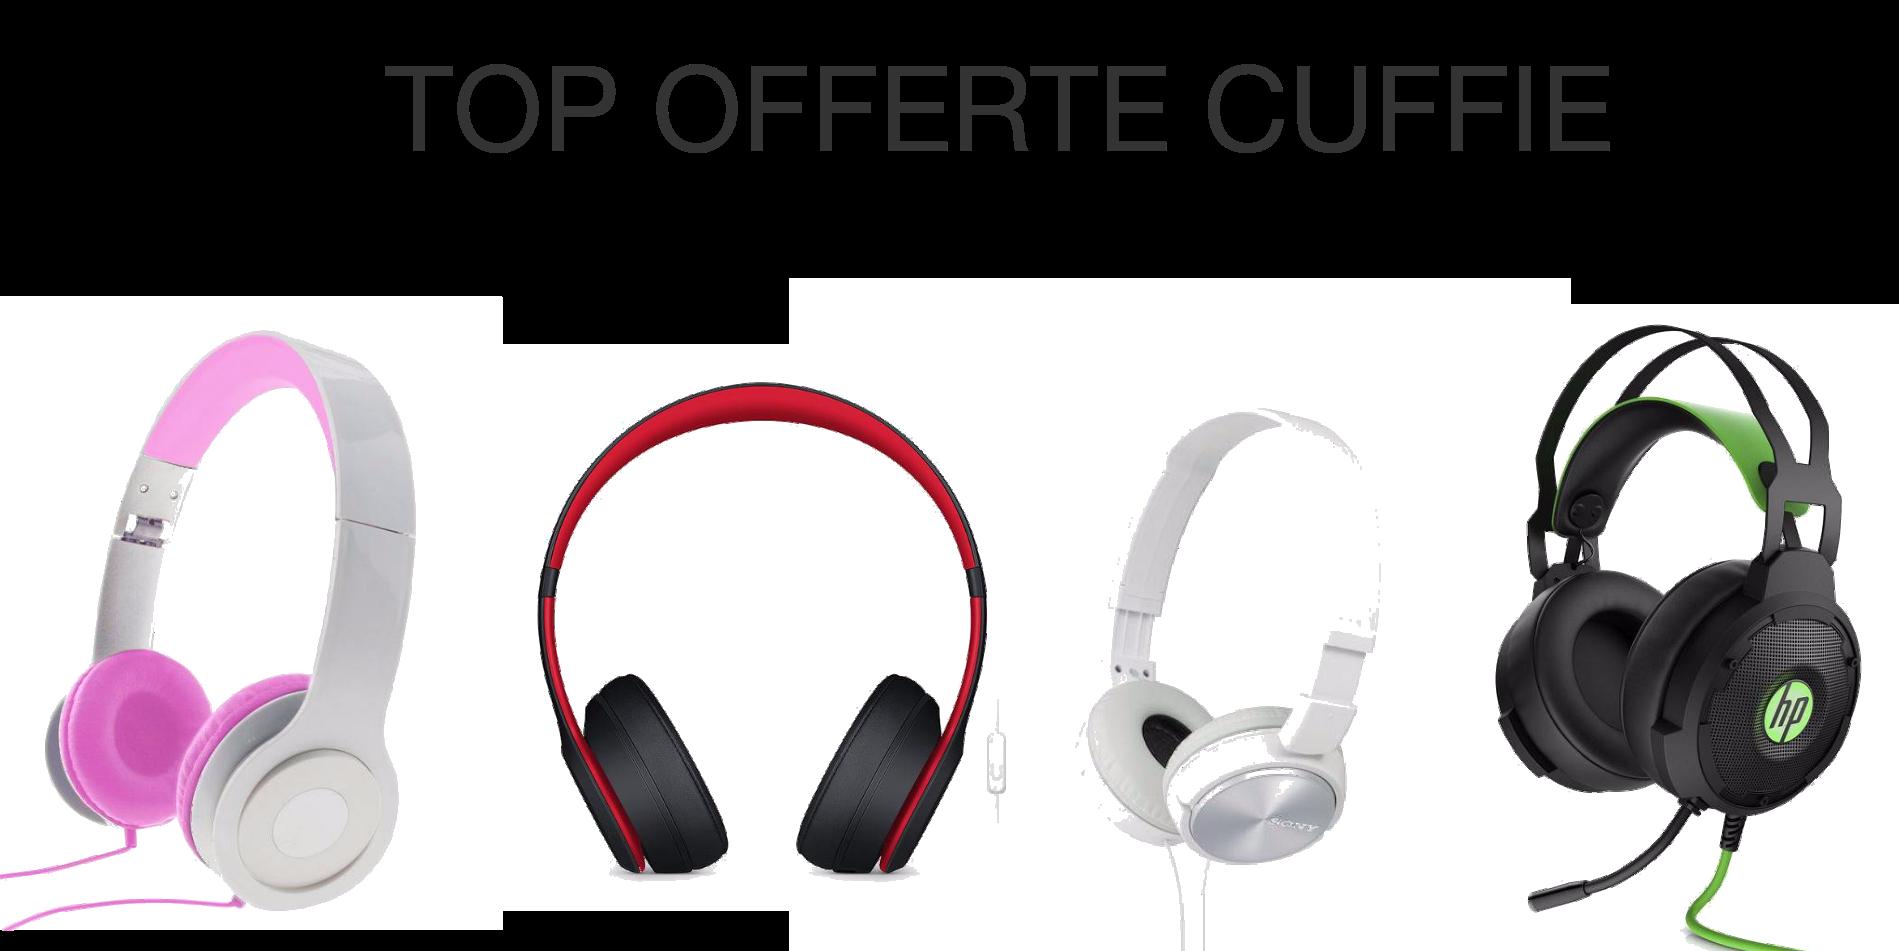 Cuffie Gaming  Quale scegliere  Dove comprarle  Caratteristiche e prezzo 78d73efb1be9